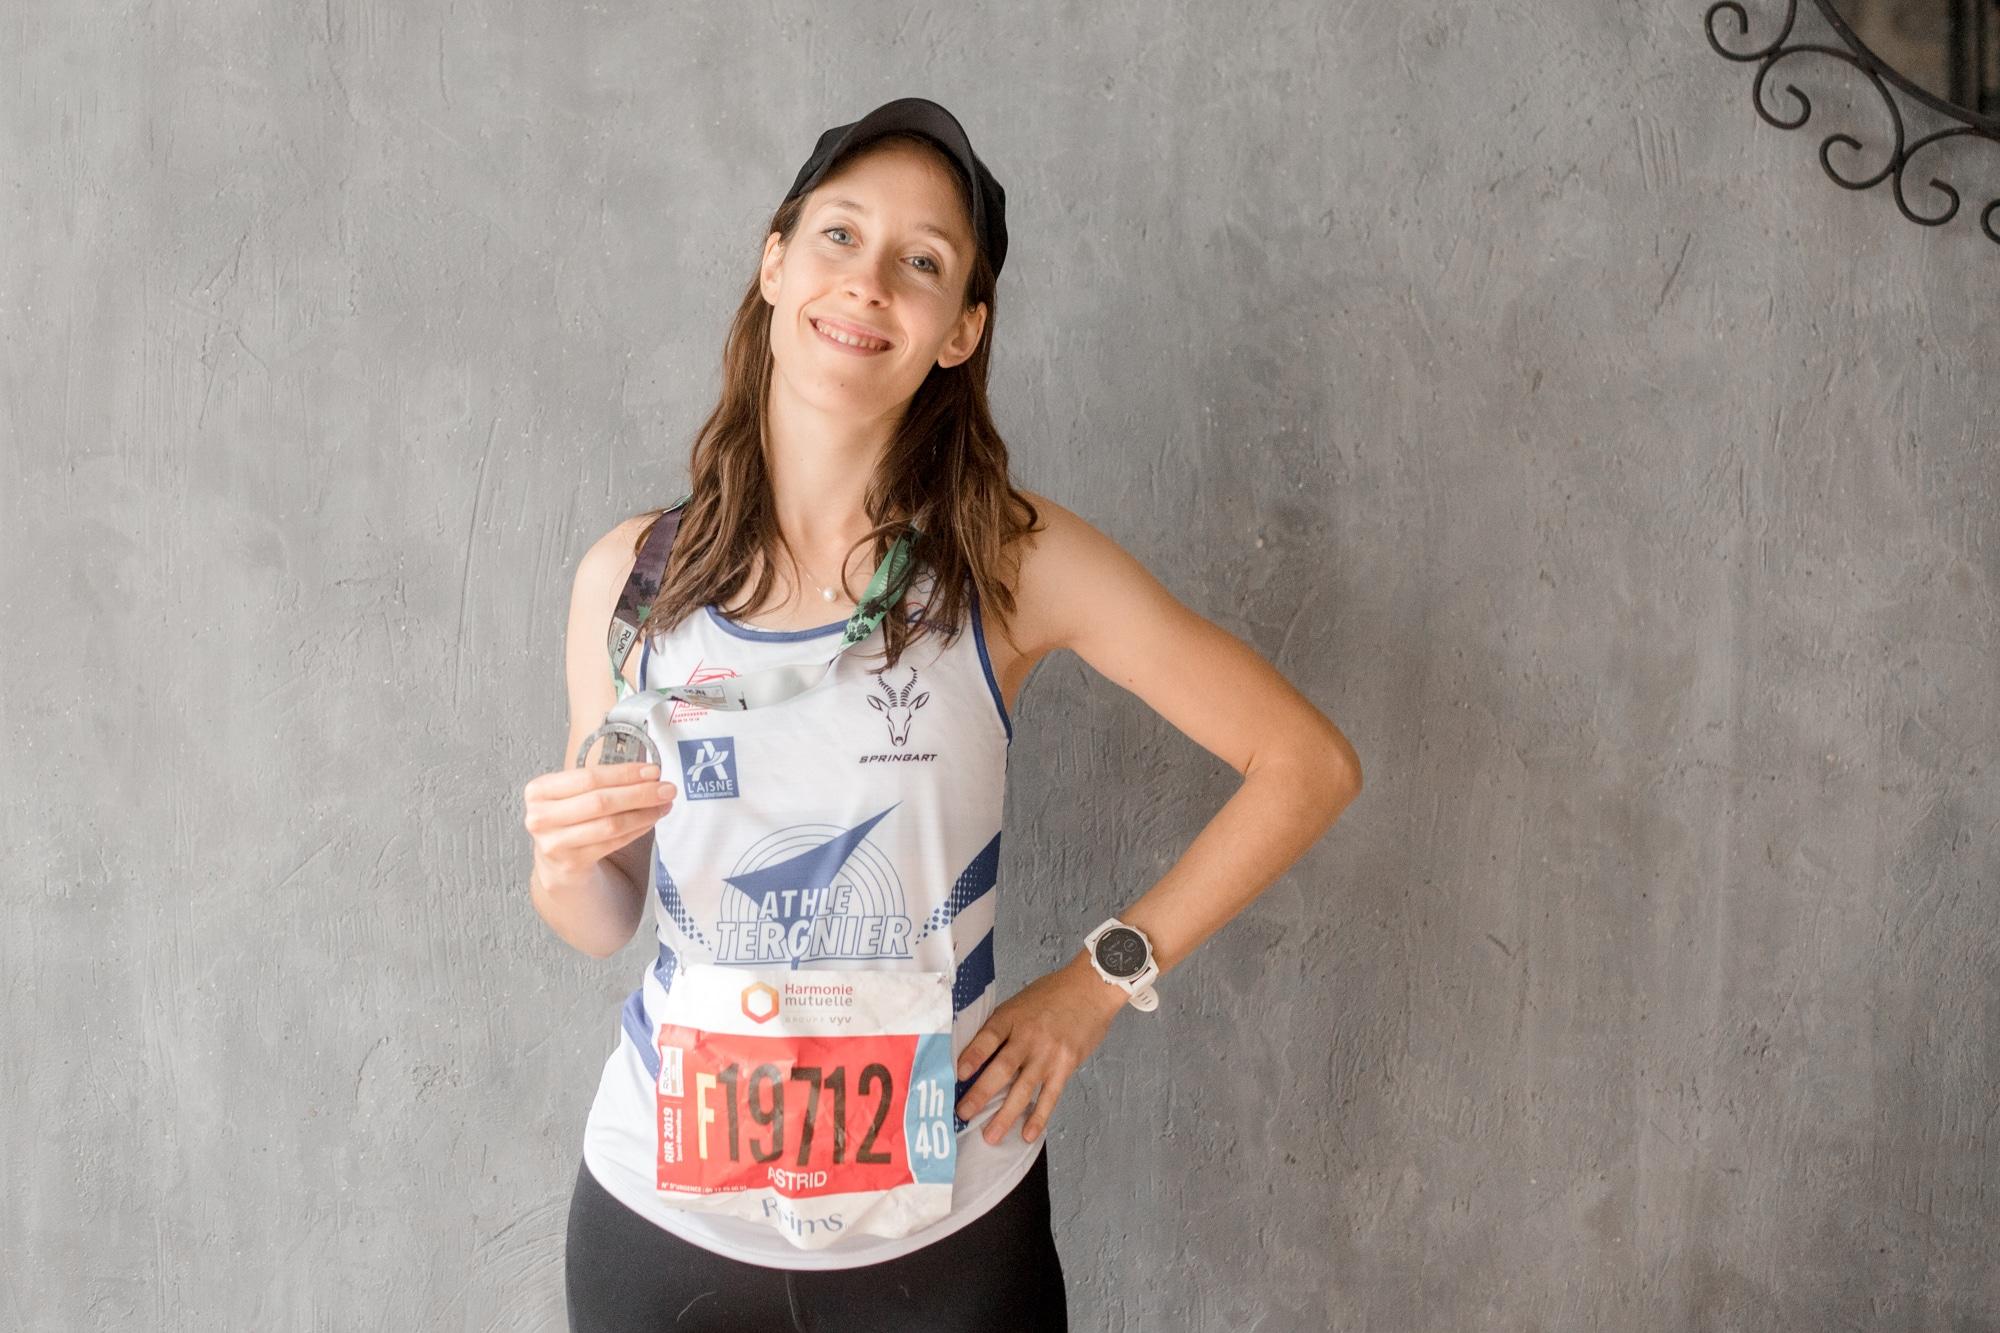 athlétisme en club semi-marathon